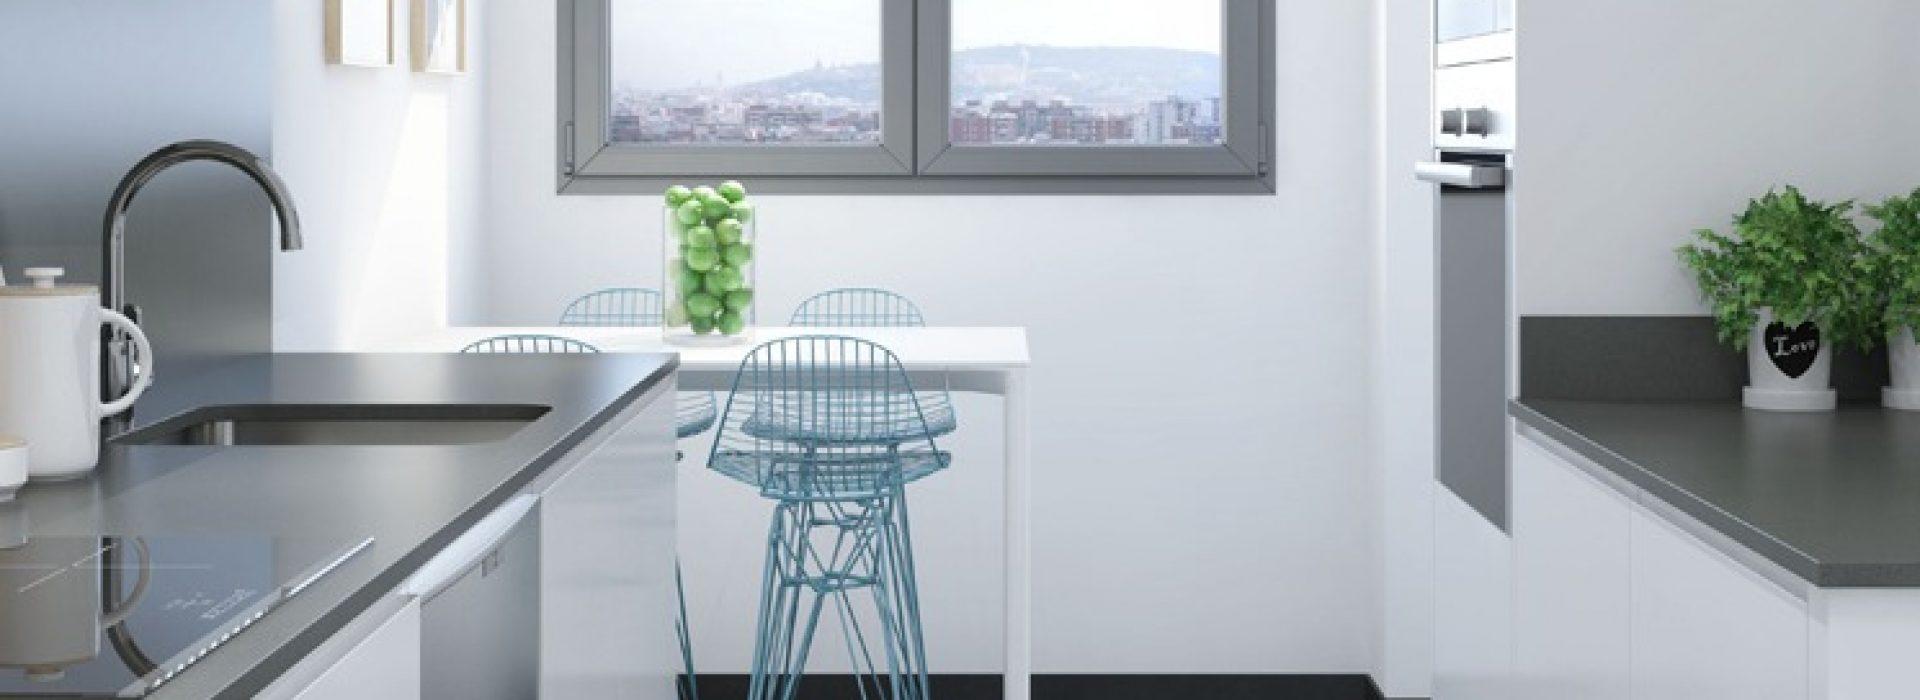 residencial-estronci-9105